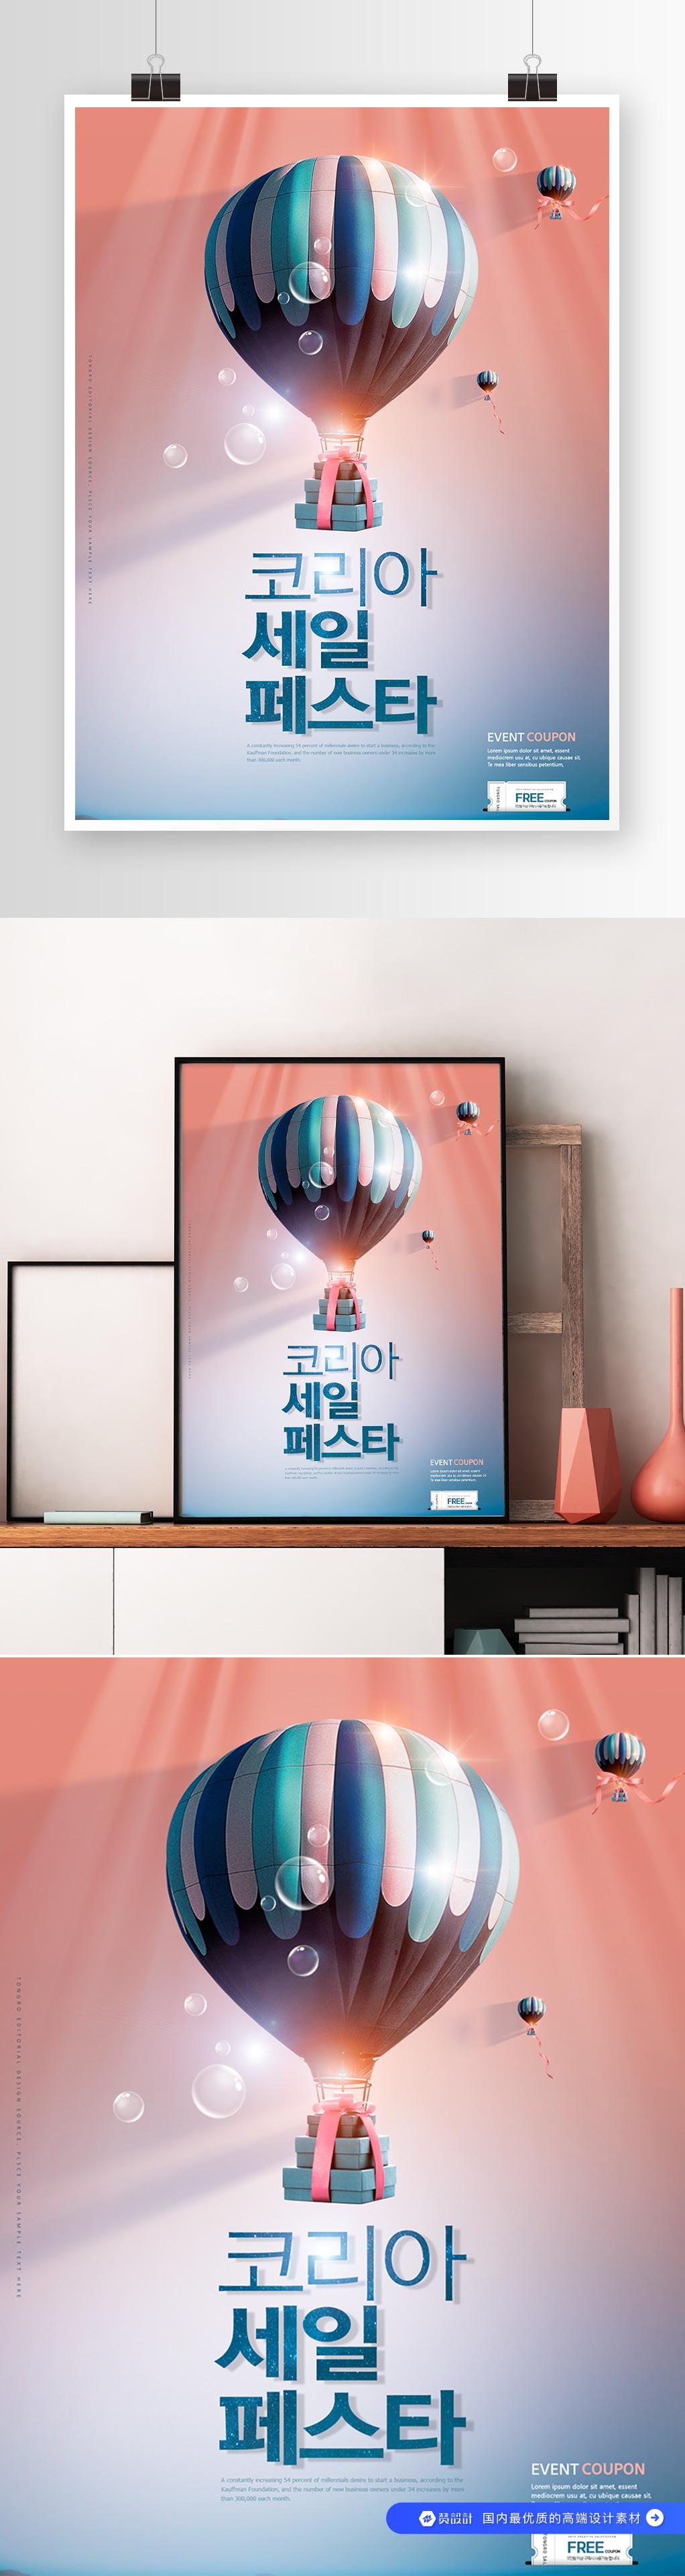 礼盒 热气球合成海报